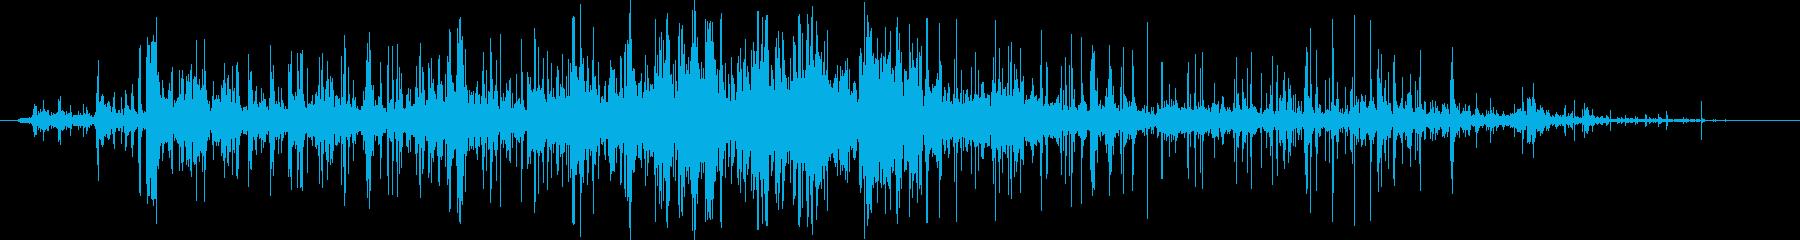 ロックヒル:ヘビーロックスフォーリ...の再生済みの波形